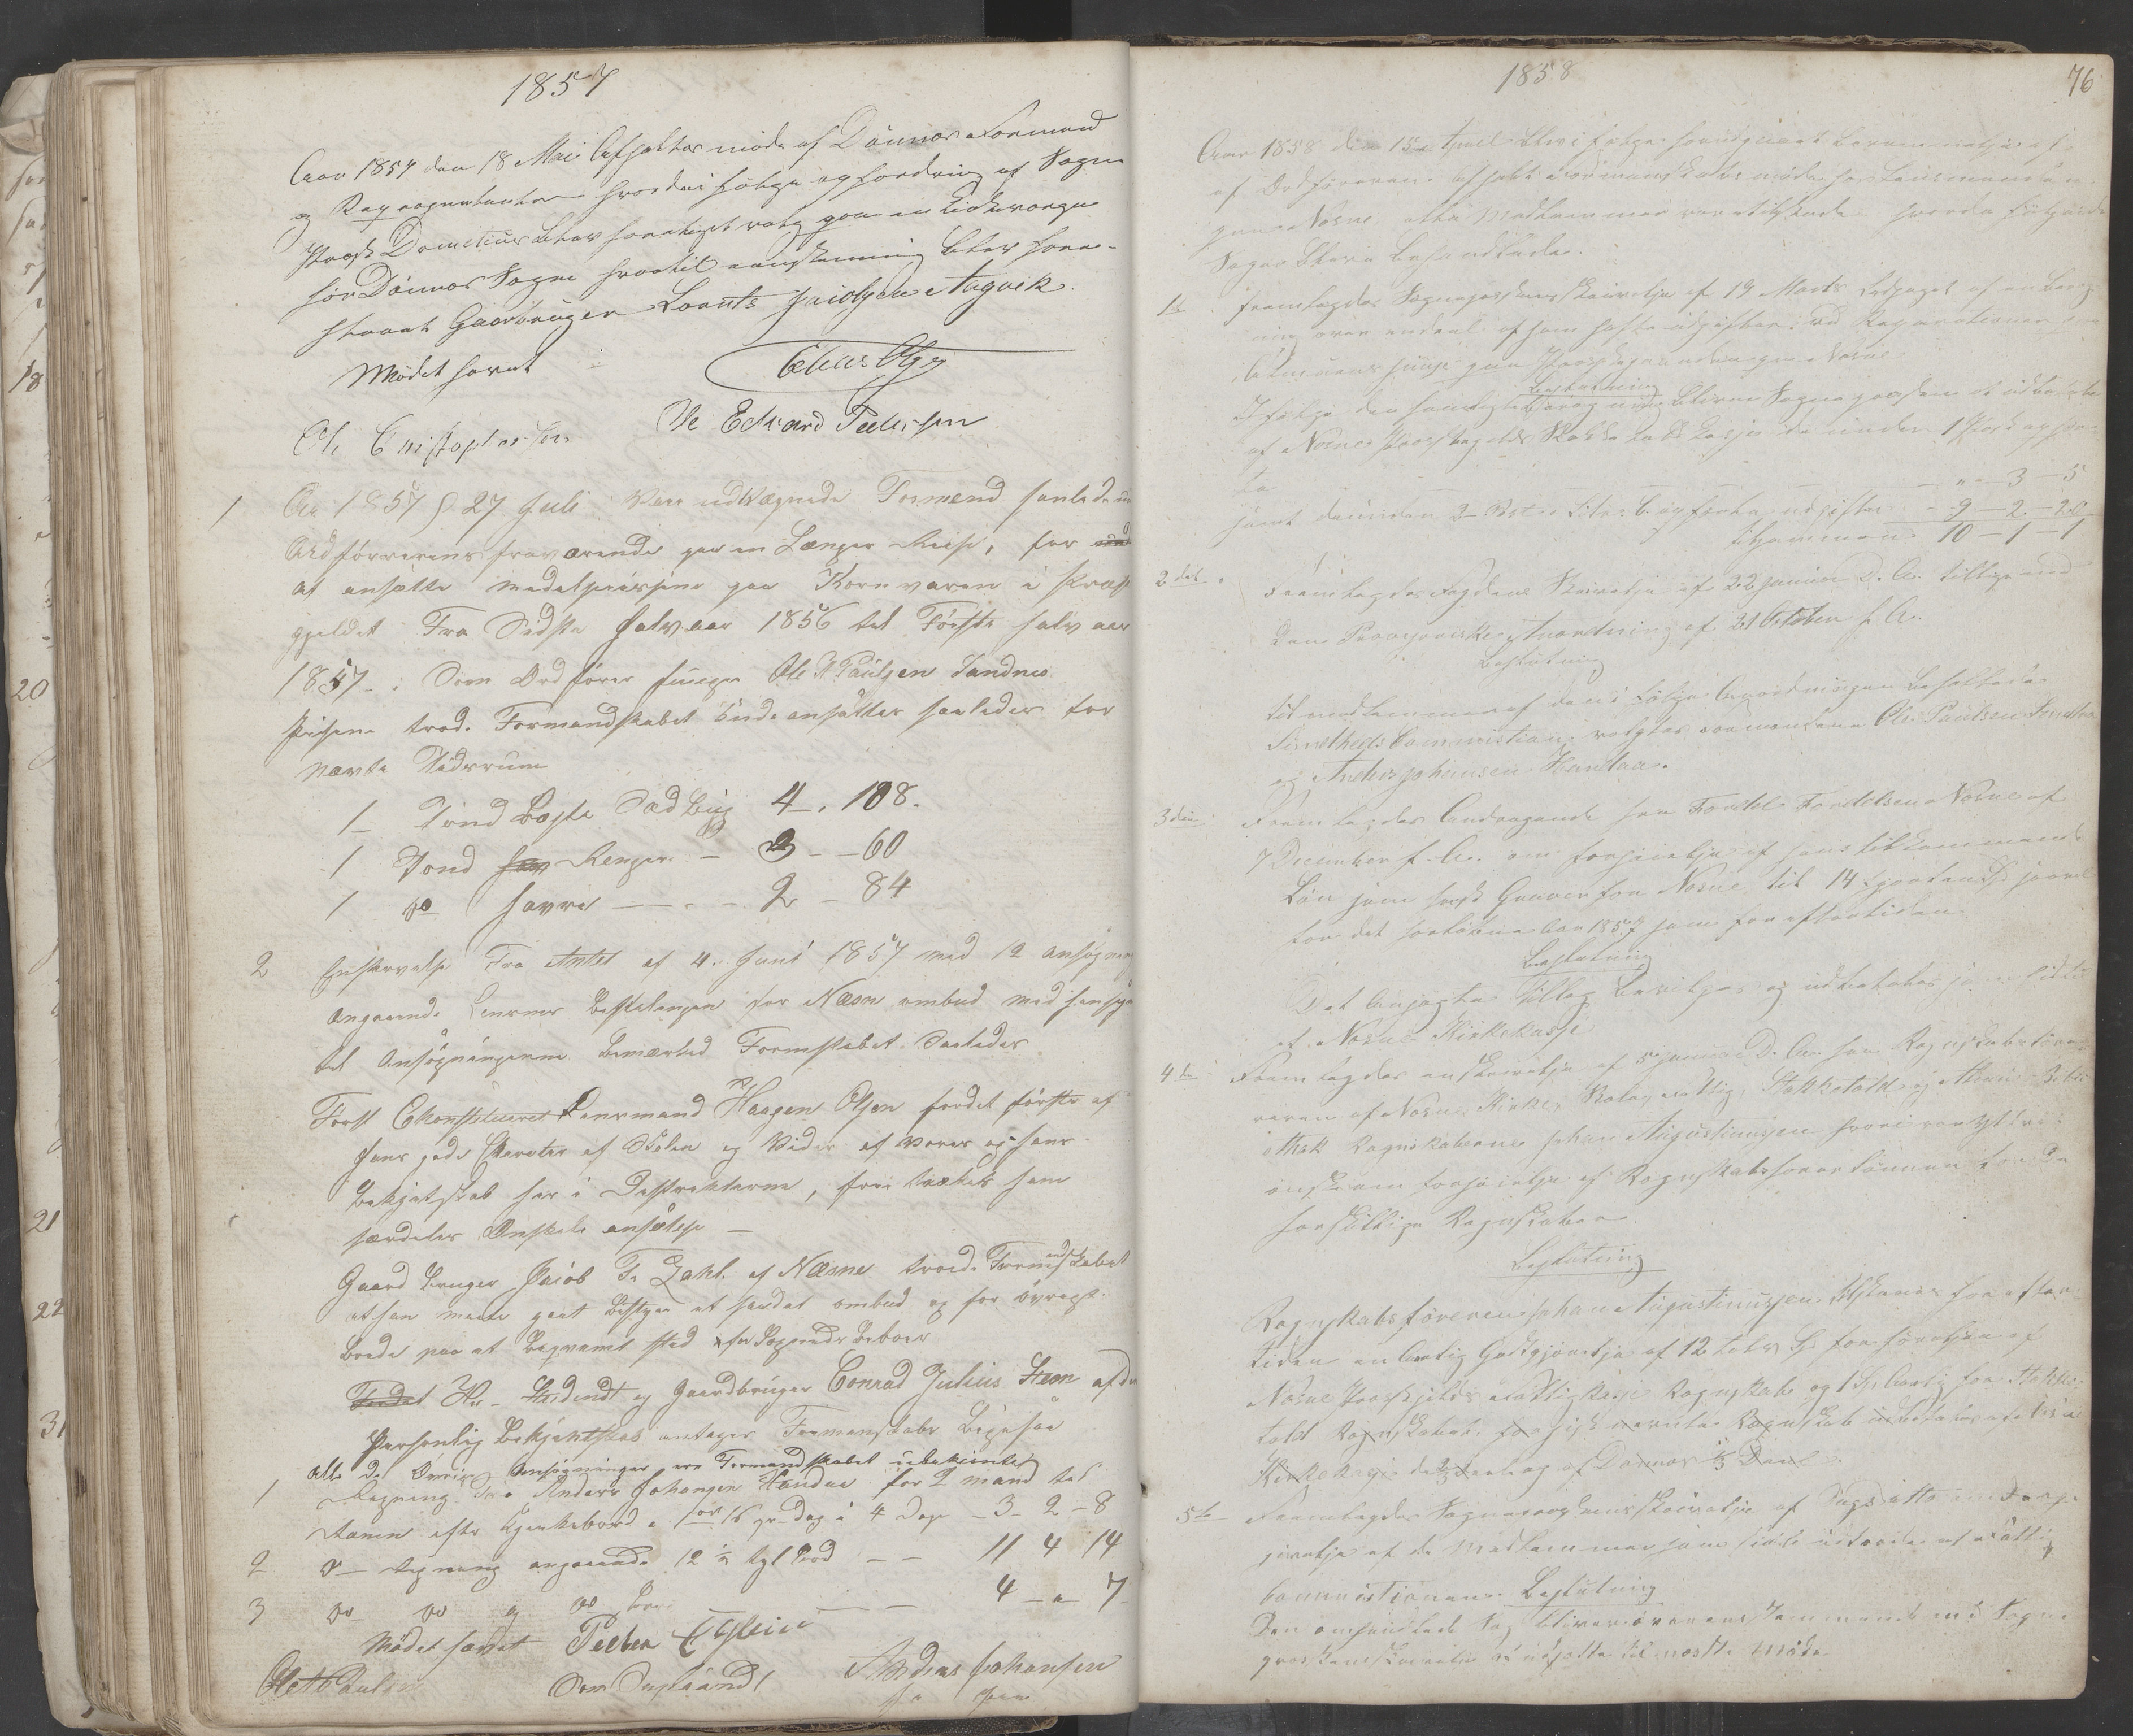 AIN, Nesna kommune. Formannskapet, 100/L0001: Møtebok, 1838-1873, s. 76